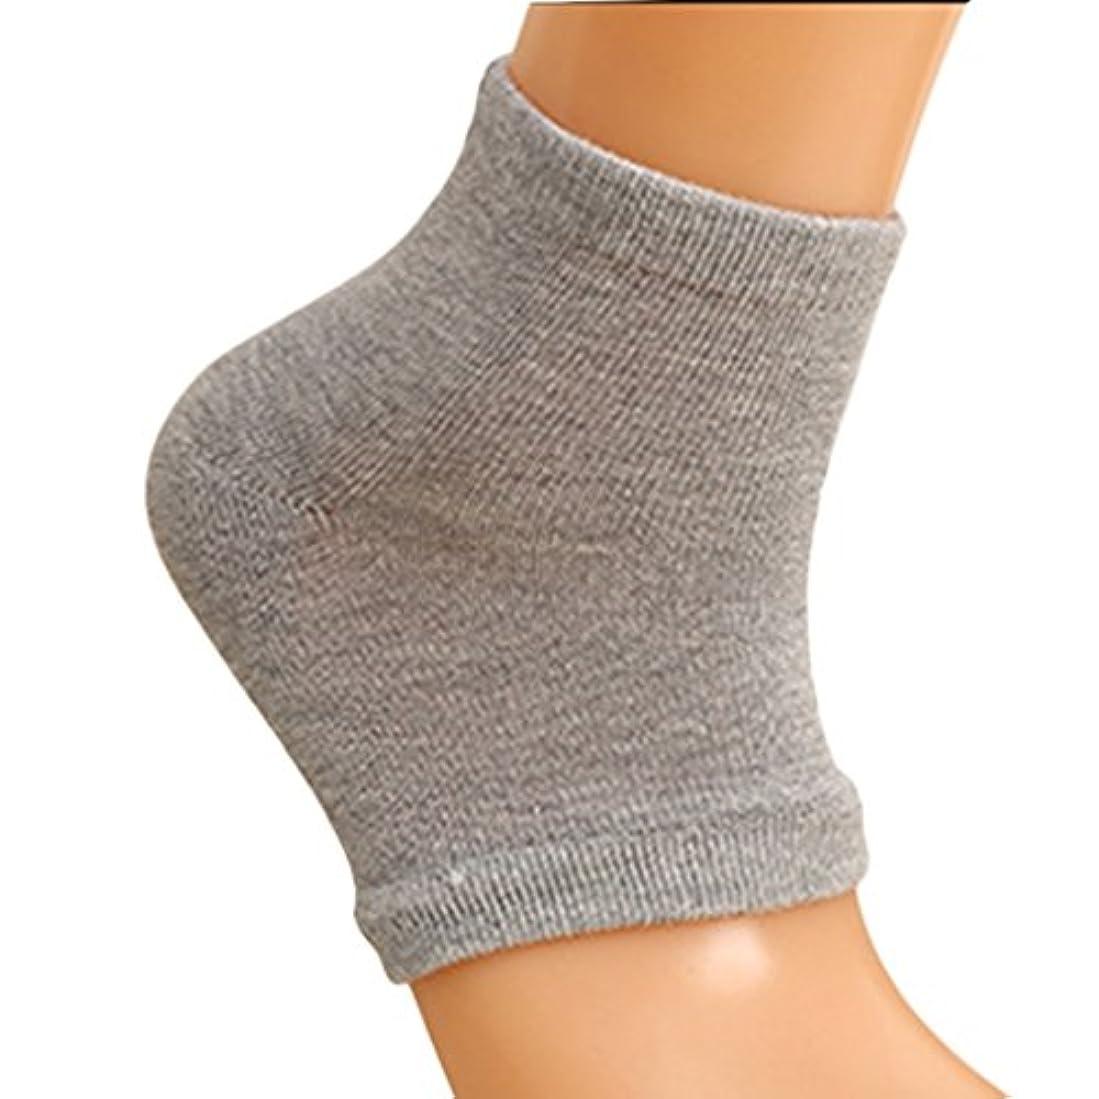 印刷する大学固執Xiton 靴下 ソックス レディース メンズ 靴下 つるつる 靴下 フットケア かかとケア ひび 角質ケア 保湿 角質除去(2足セット グレー)